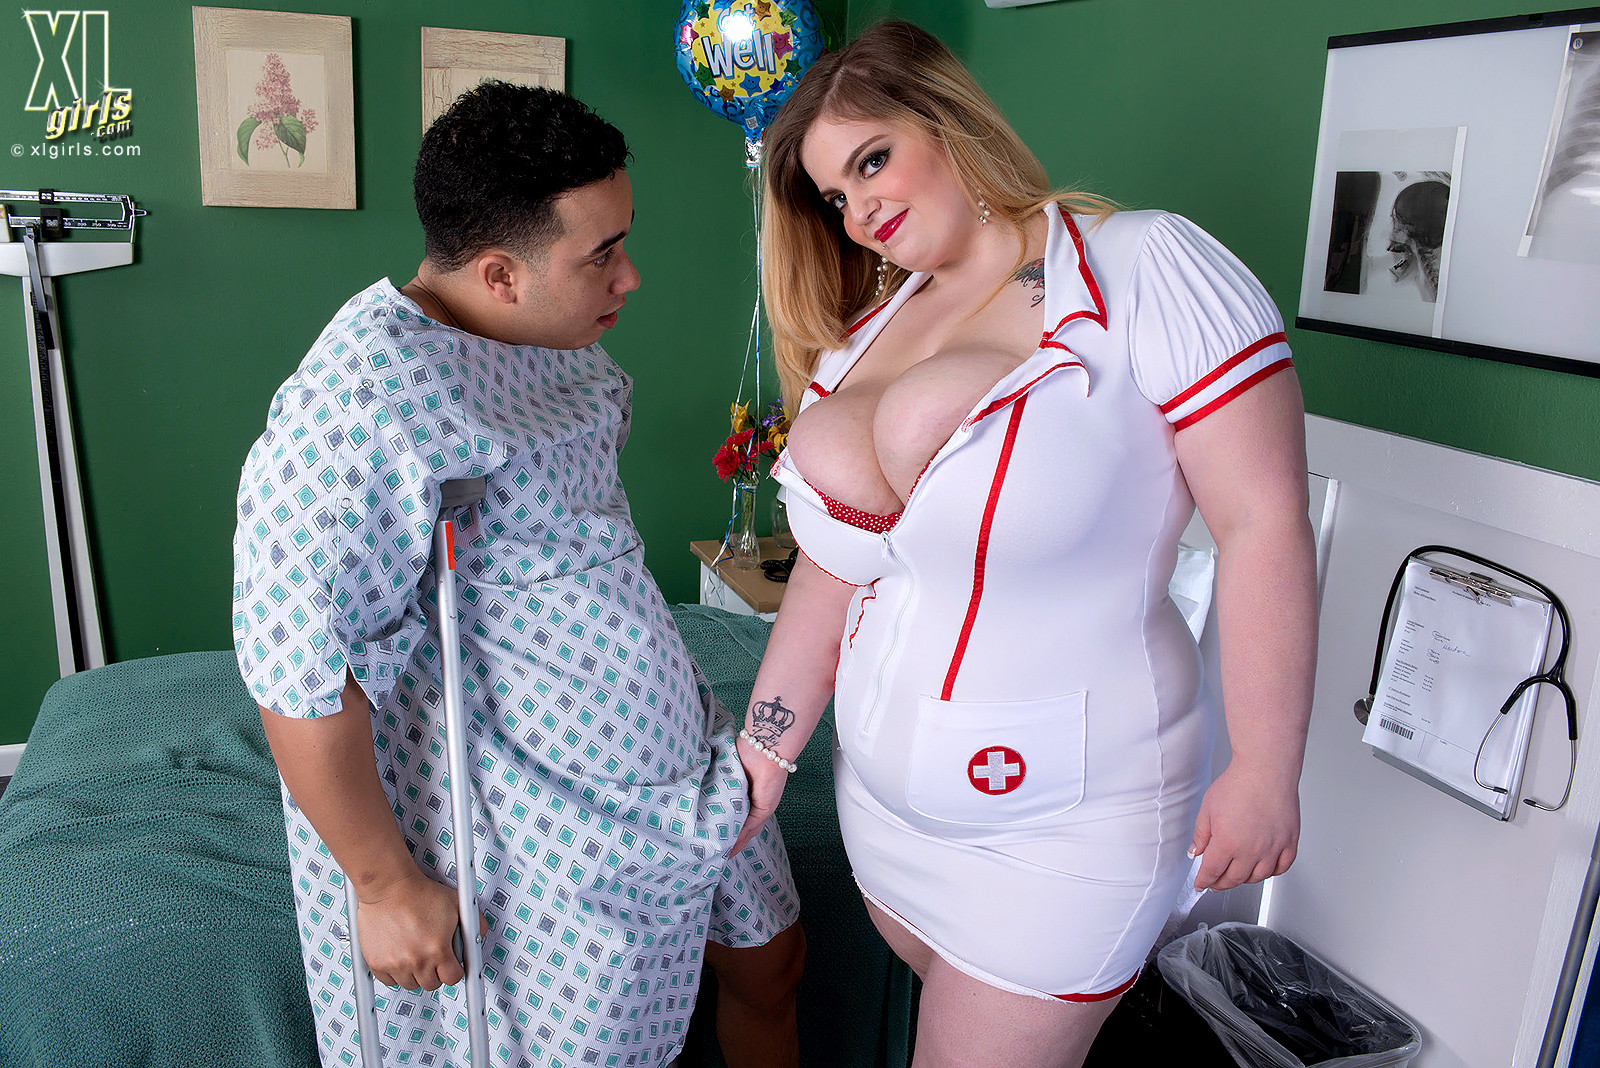 Sashaa Juggs - Медсестра - Галерея № 3408710